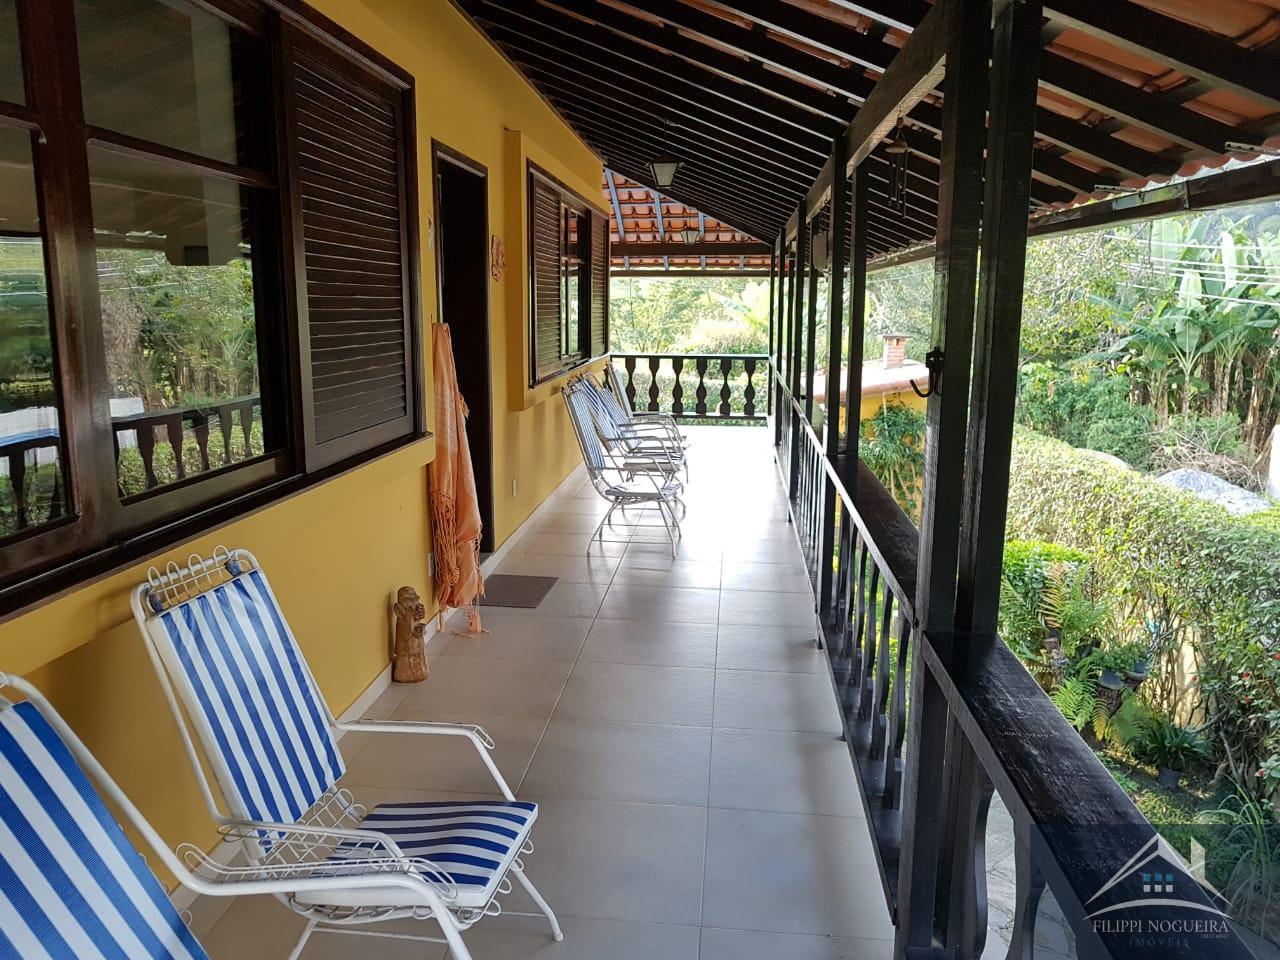 Excelente imóvel com 6 quartos e piscina na Vila Suissa. - csvl - 8